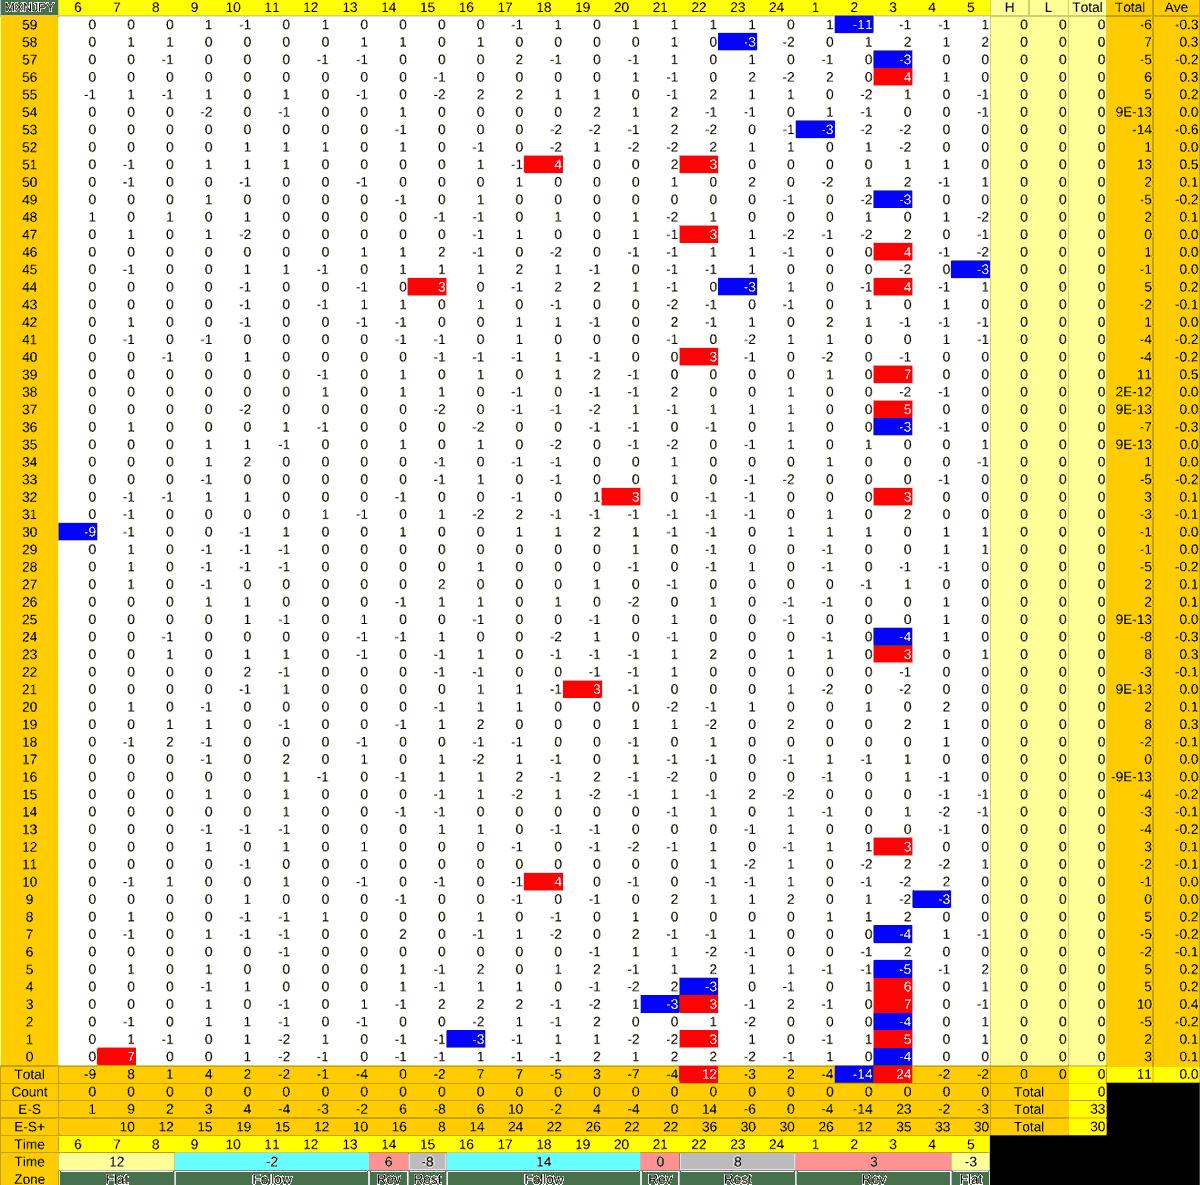 20210728_HS(3)MXNJPY-min